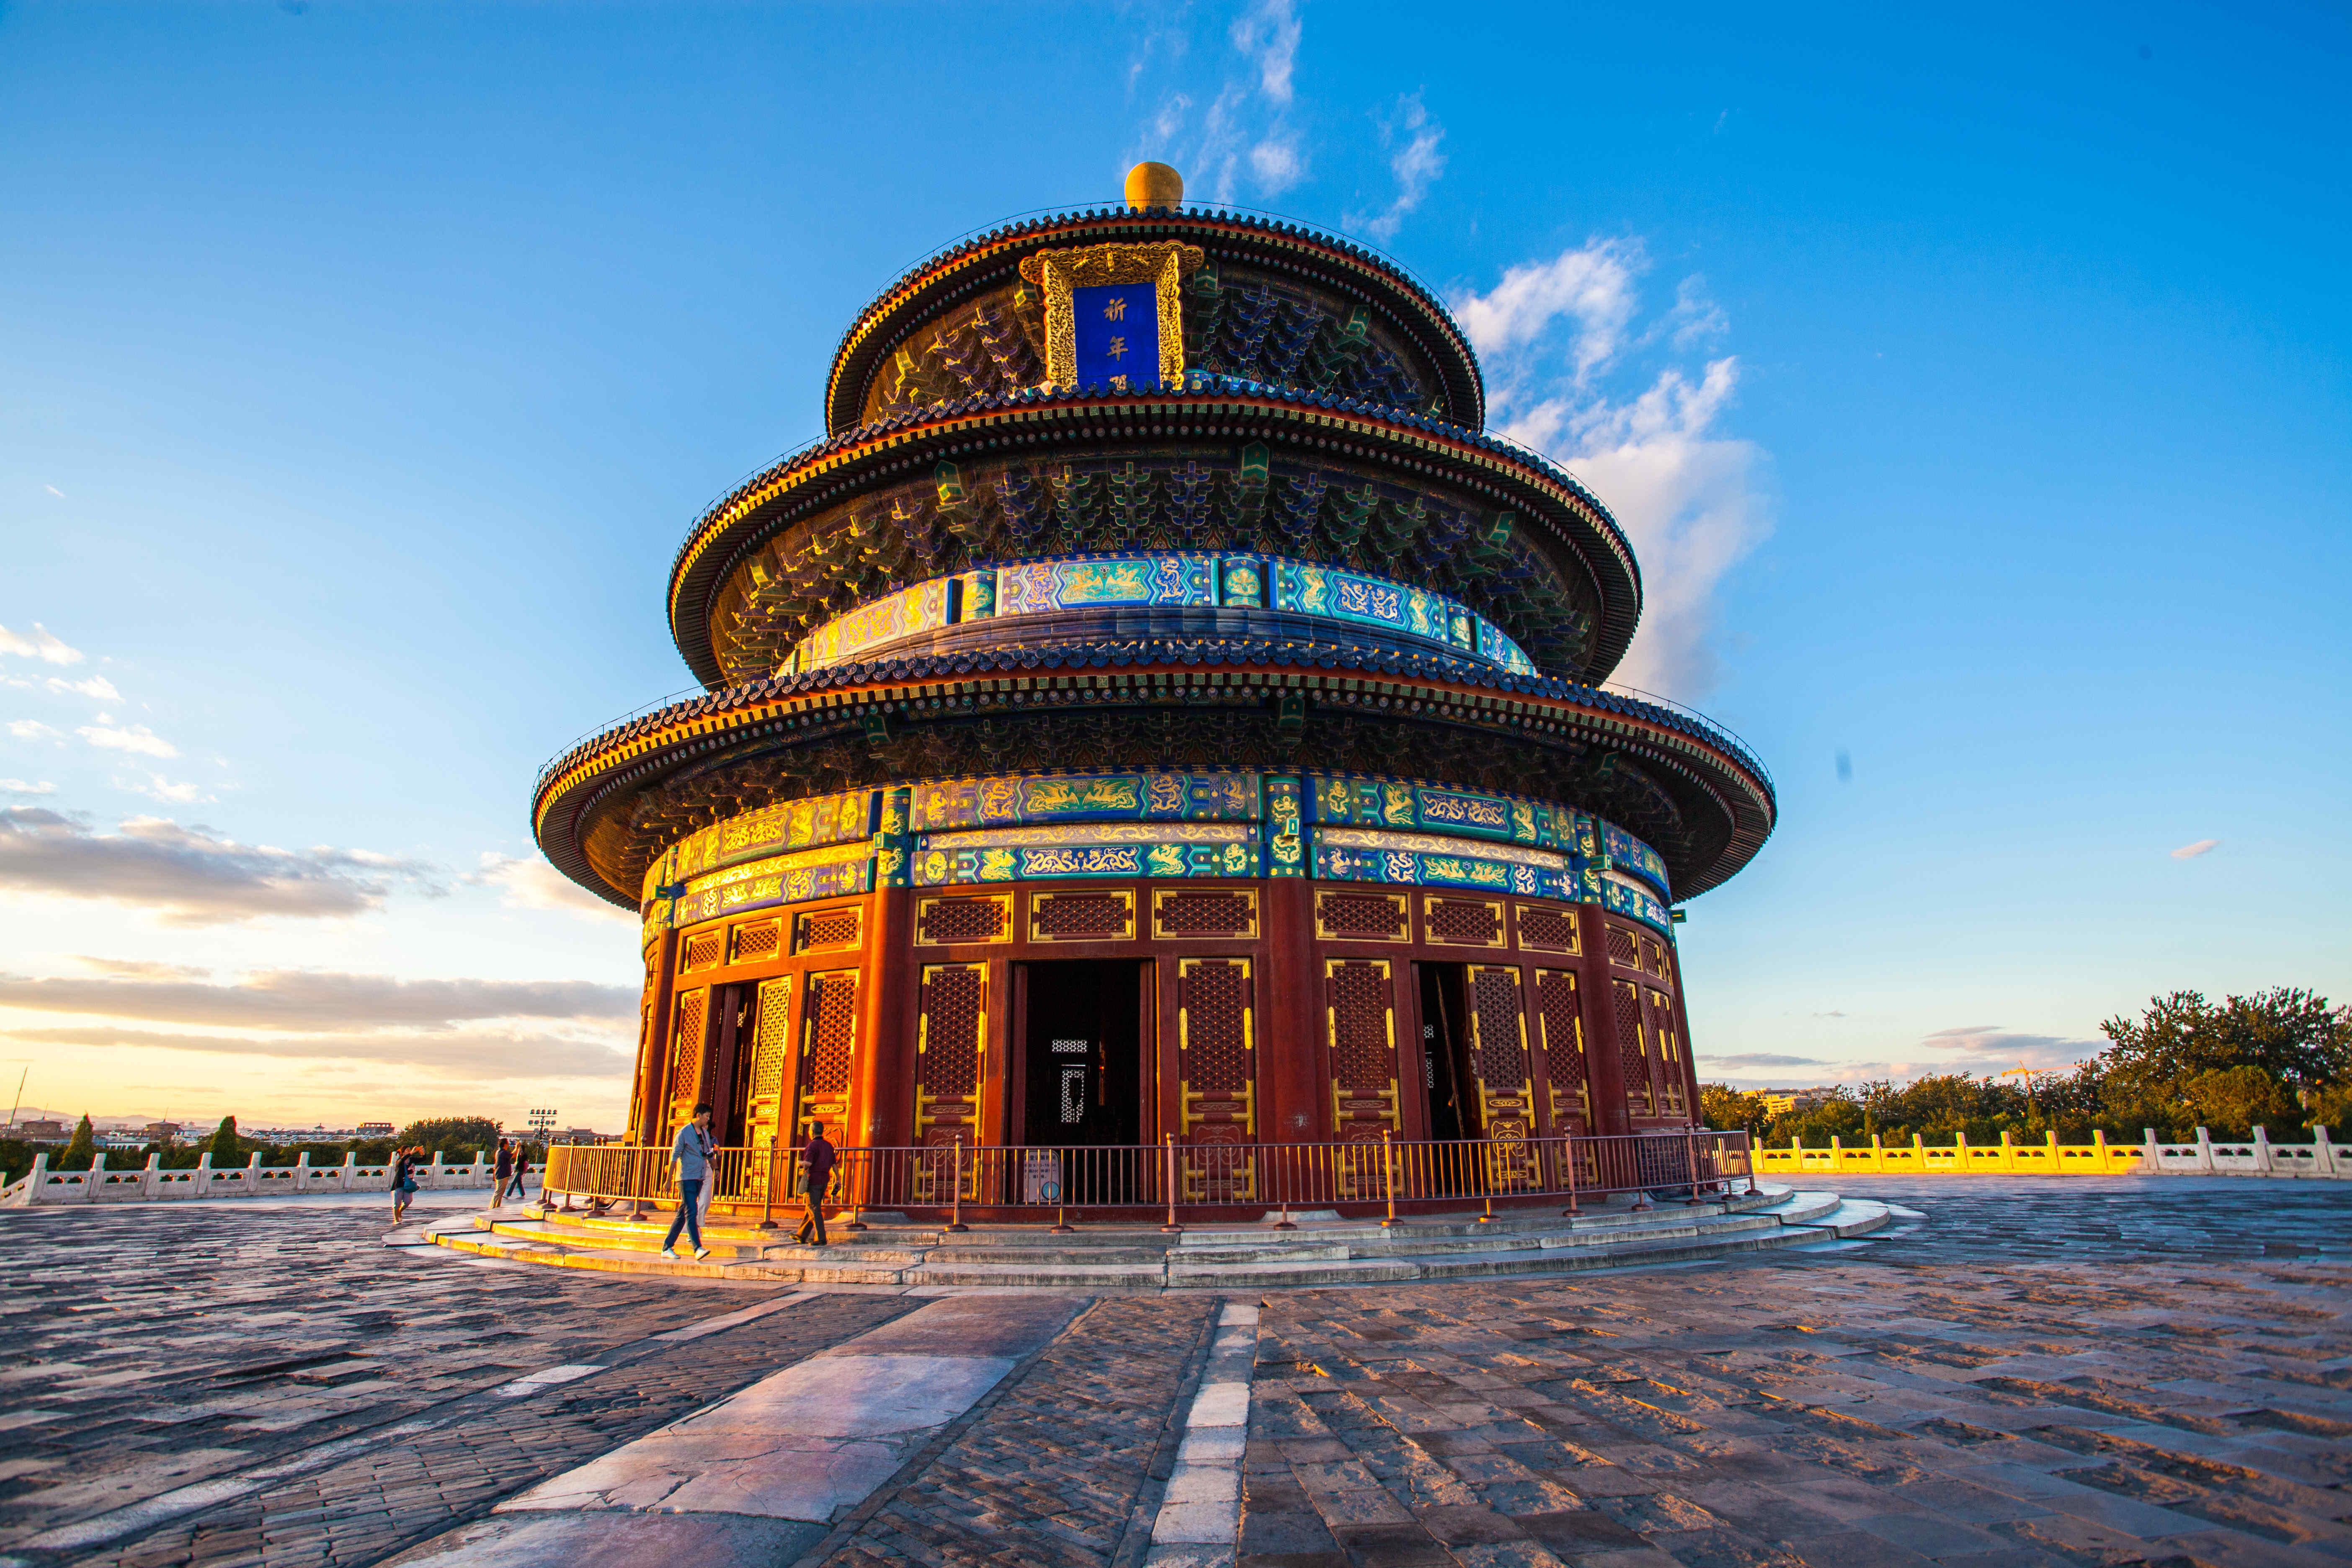 天坛 Temple of Heaven